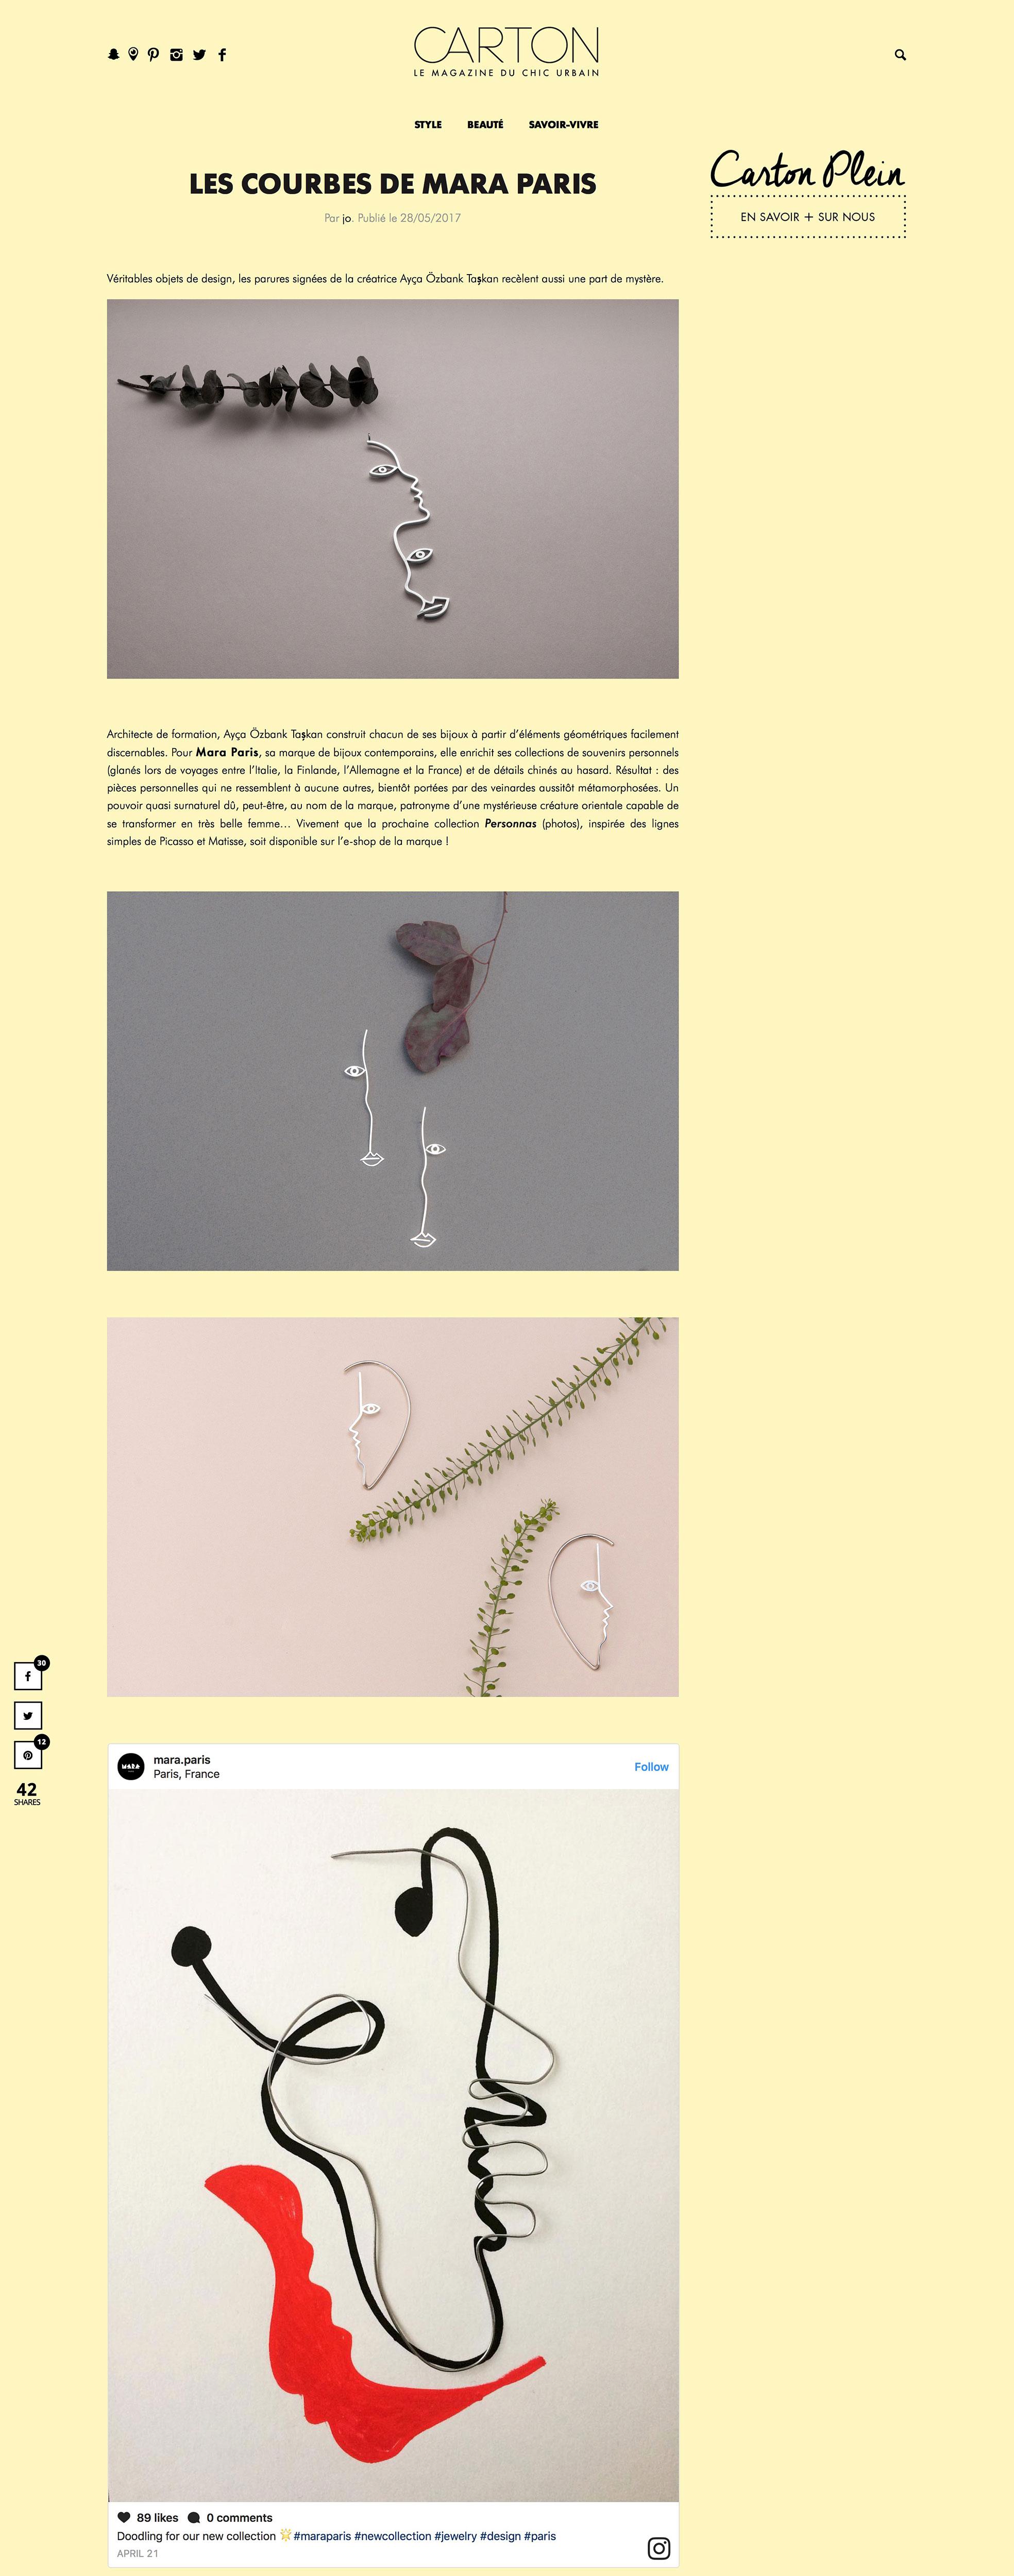 Carton Magazine - Curves of Mara Paris